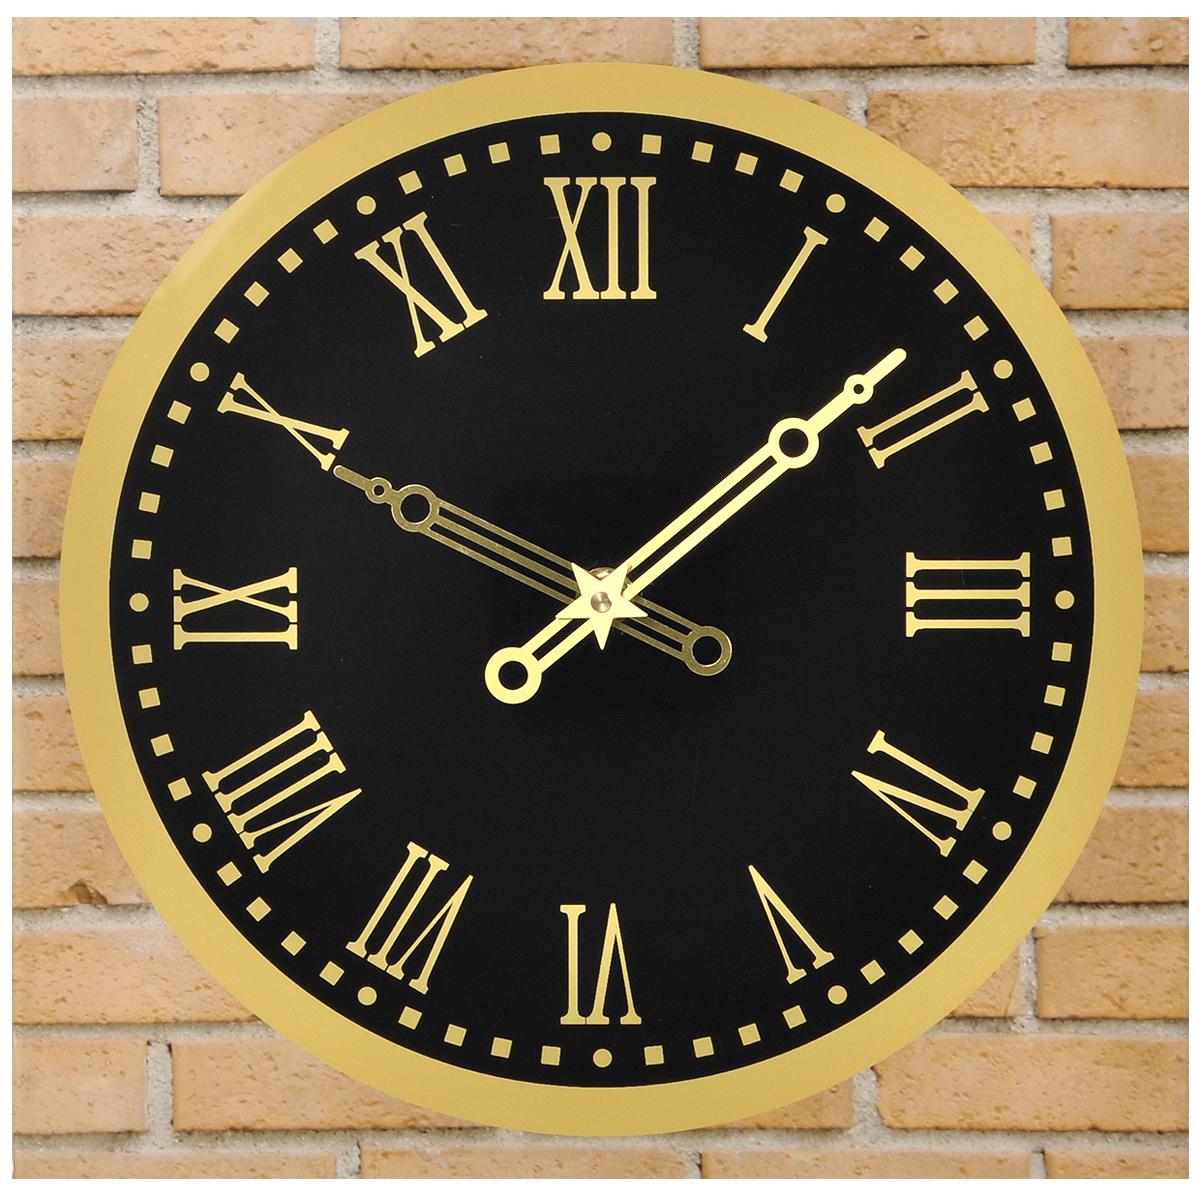 Часы настенные Куранты, стеклянные. 96011П1-962/7-8Оригинальные настенные часы Куранты круглой формы выполнены из стекла и оформлены изображением римских цифр. Часы имеют три стрелки - часовую, минутную и секундную. Циферблат часов не защищен. Необычное дизайнерское решение и качество исполнения придутся по вкусу каждому.Оформите совой дом таким интерьерным аксессуаром или преподнесите его в качестве презента друзьям, и они оценят ваш оригинальный вкус и неординарность подарка.